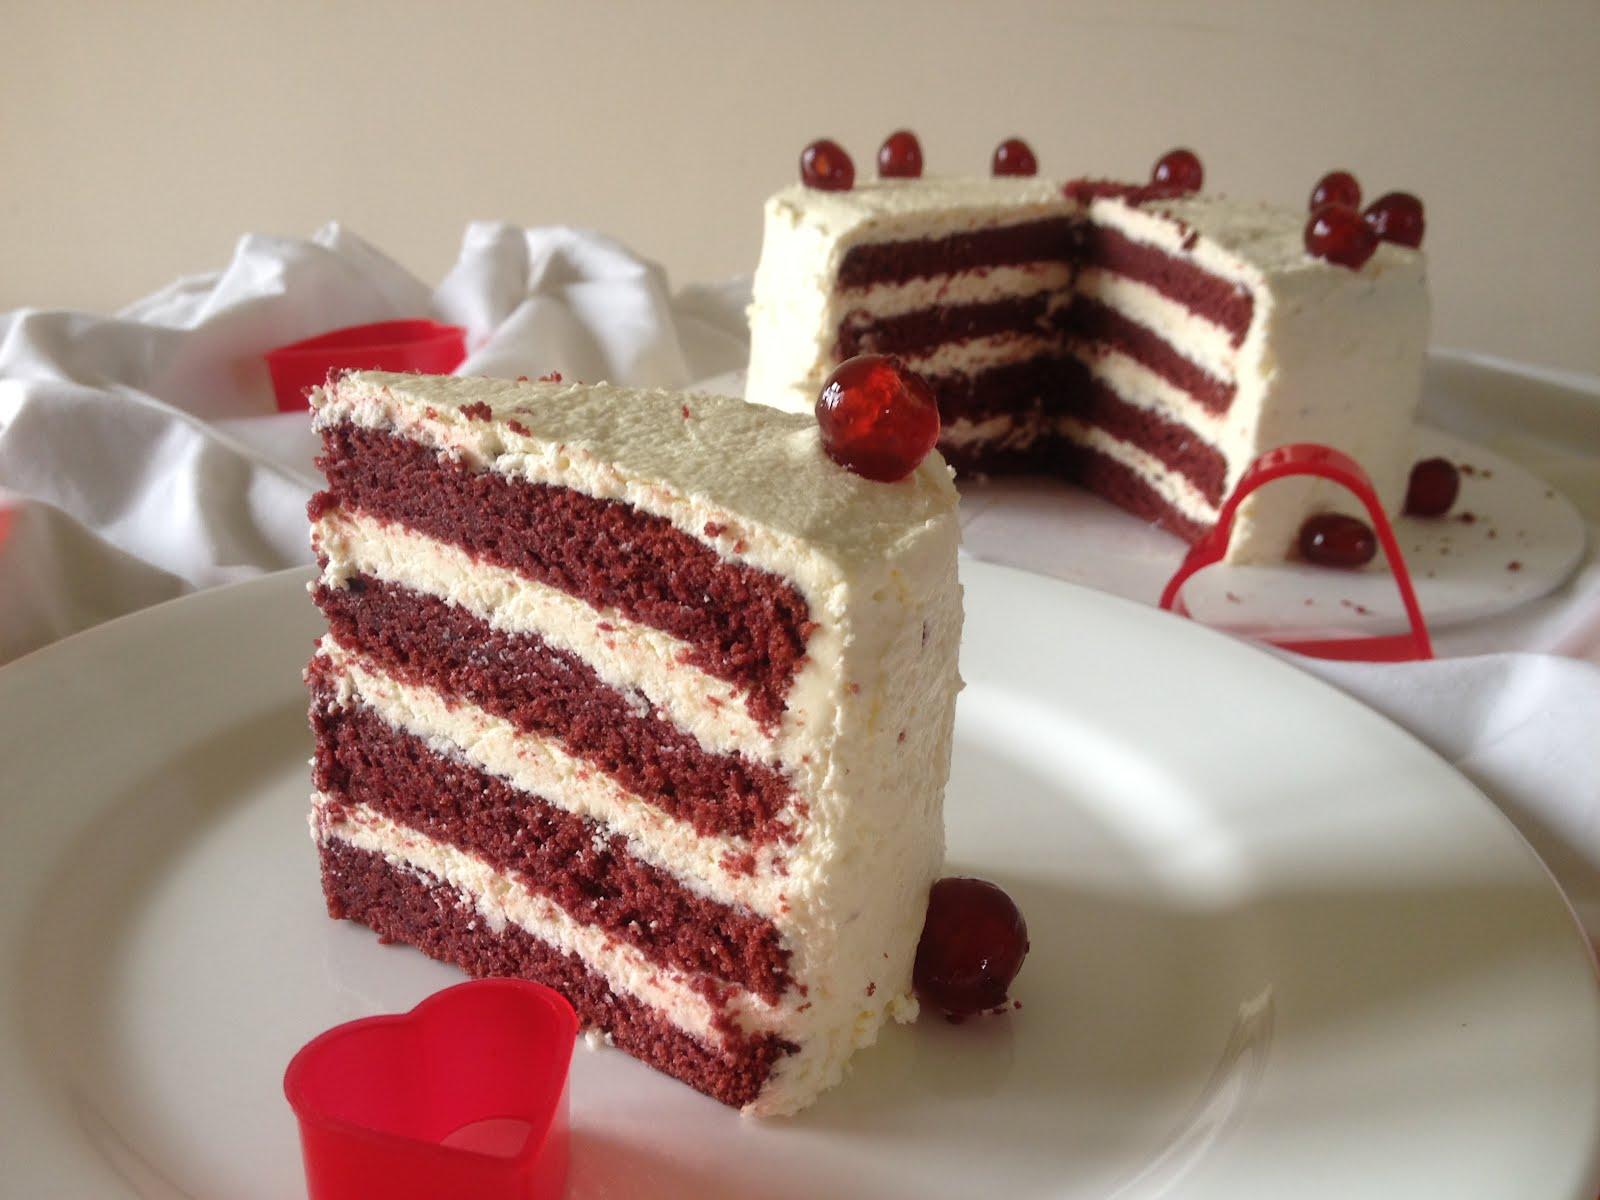 torta receptek és képek Vörös bársony torta recept  Tortareceptek.hu torta receptek és képek